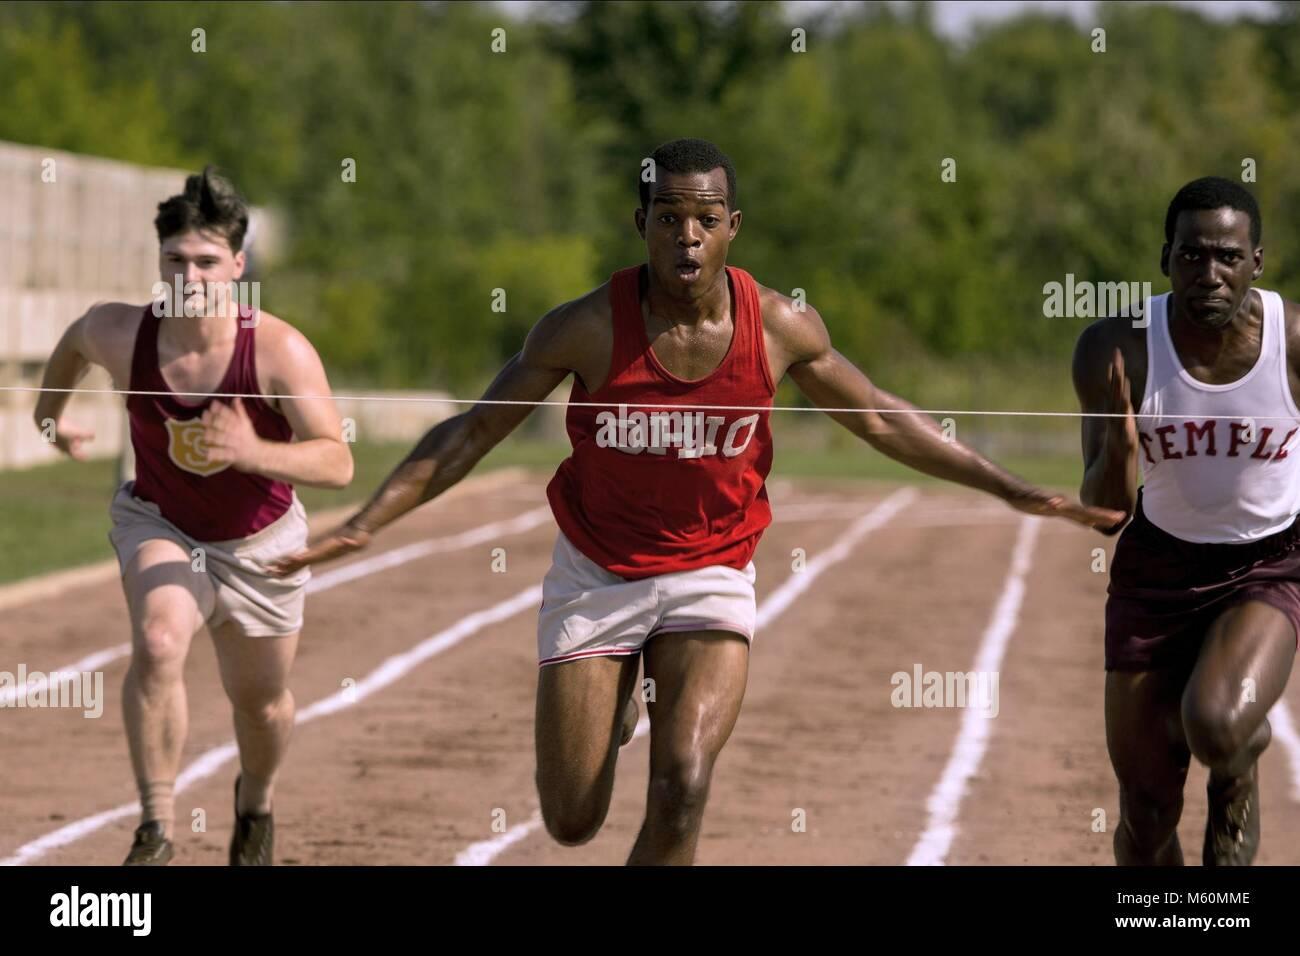 STEPHAN JAMES RACE (2016) Stockbild